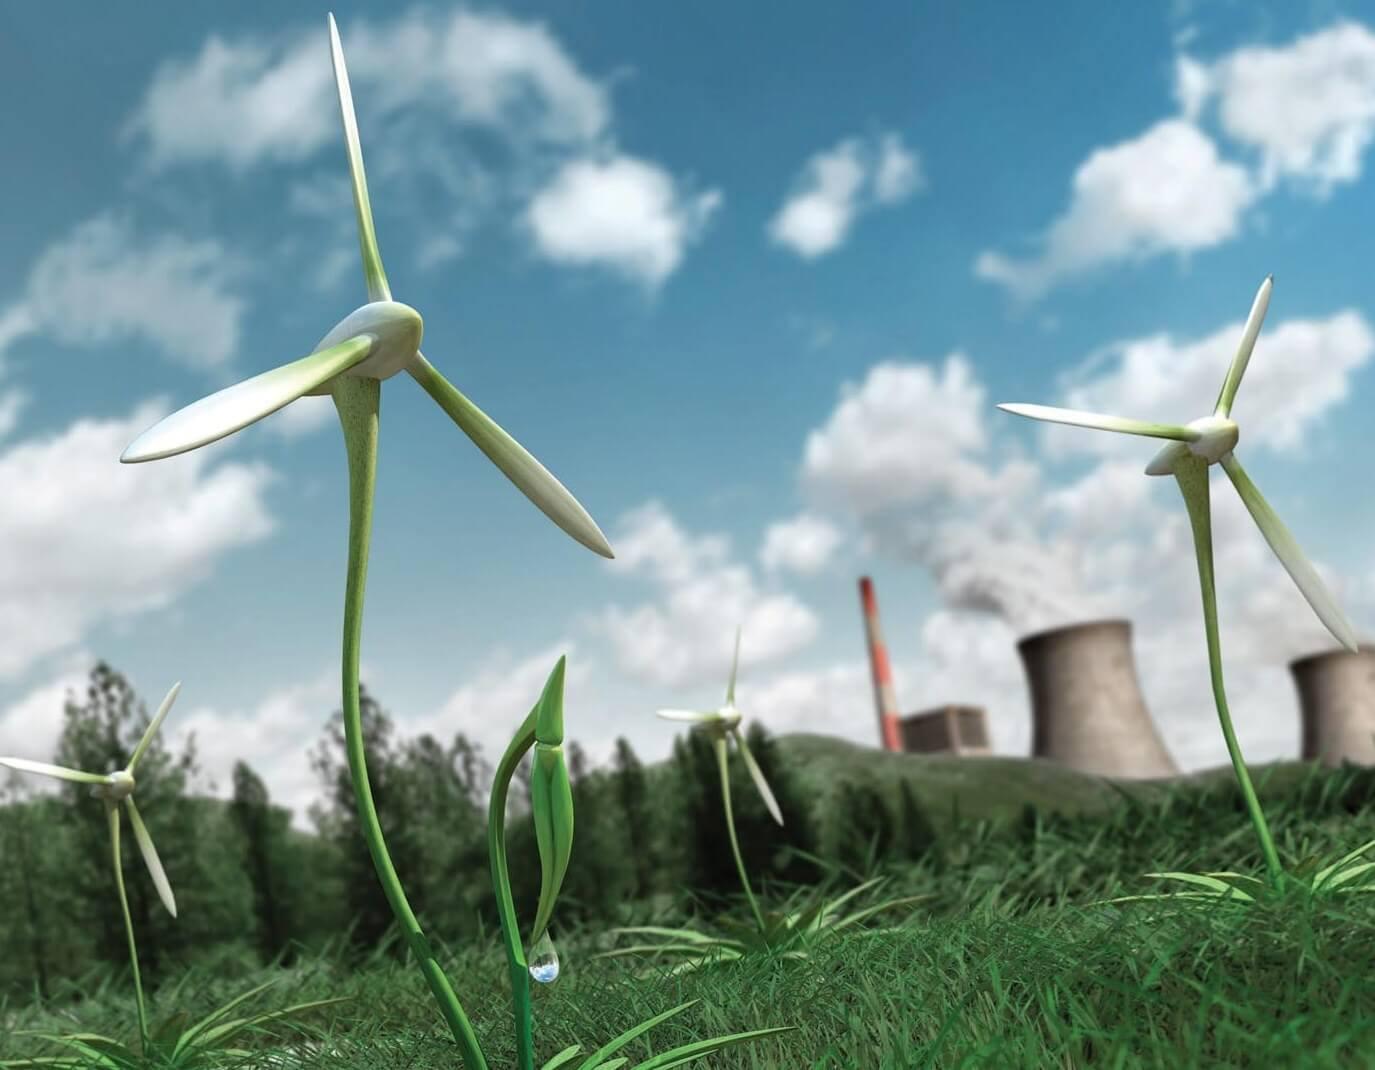 Rinnovabili in bolletta, grazie agli italiani risparmiati 4mln ton di CO2